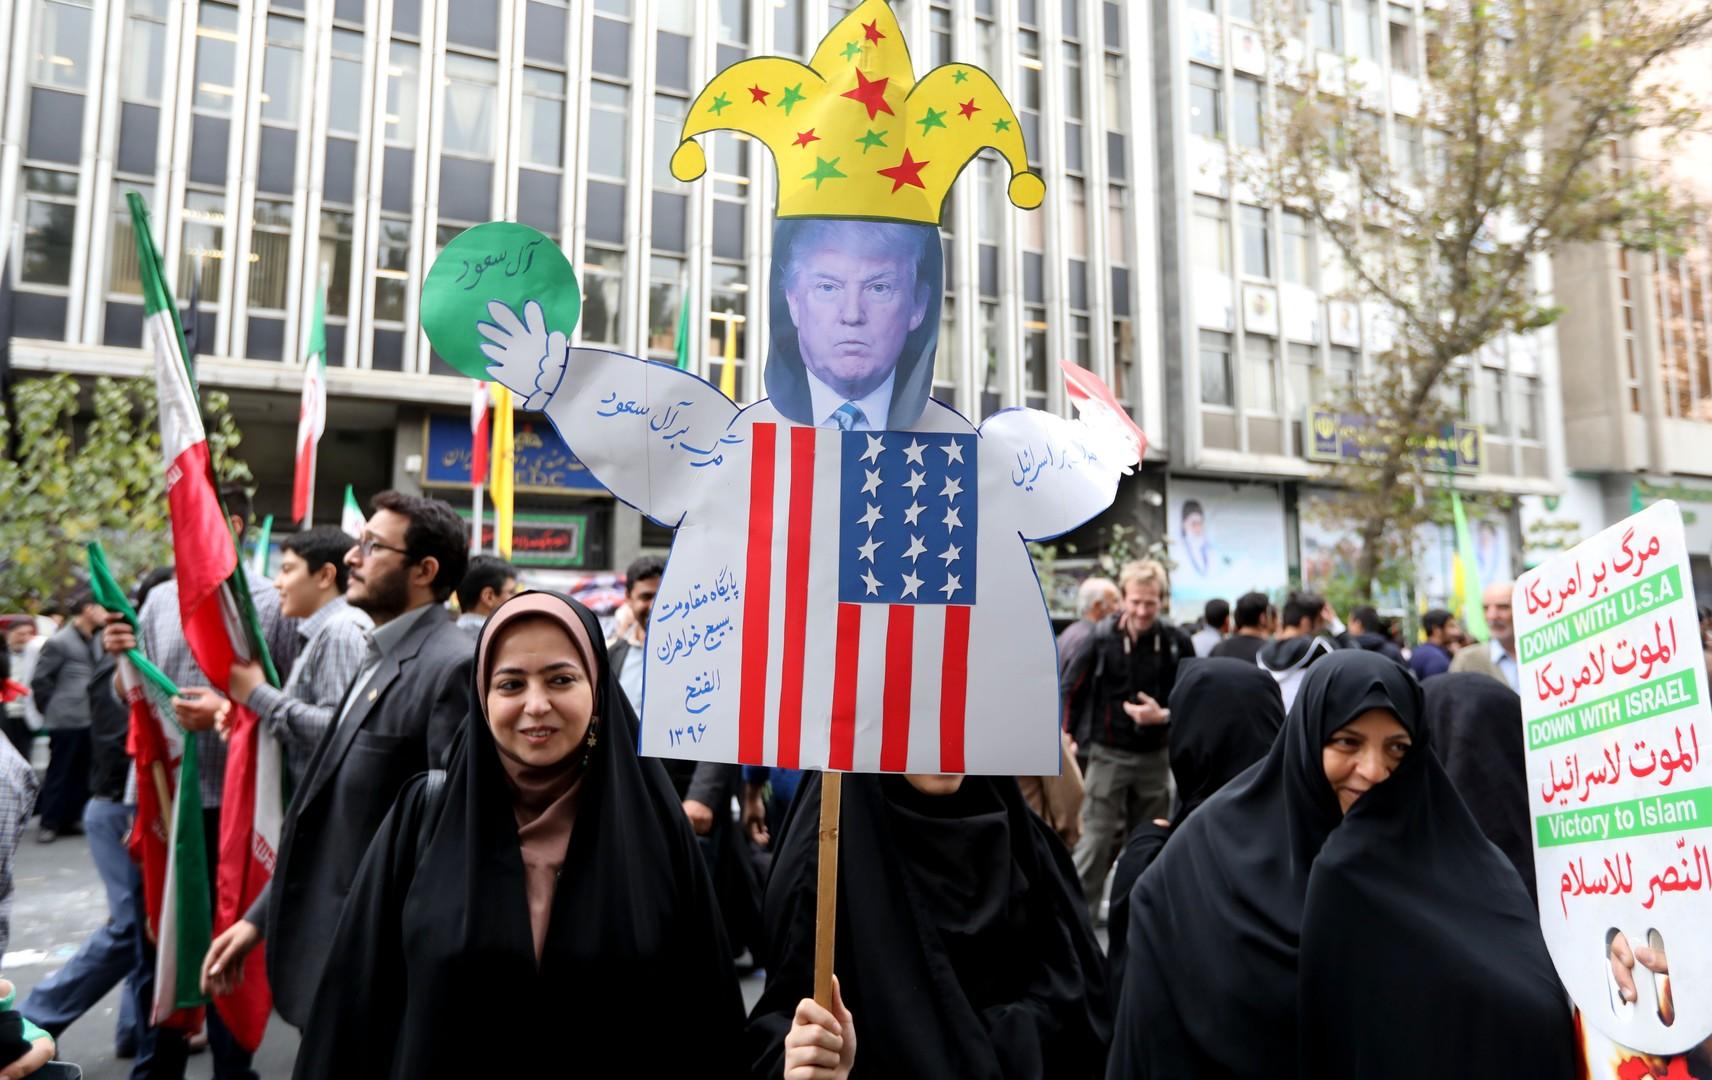 «Mort à l'Amérique» : des milliers d'Iraniens manifestent à Téhéran contre les USA de Trump (PHOTOS)